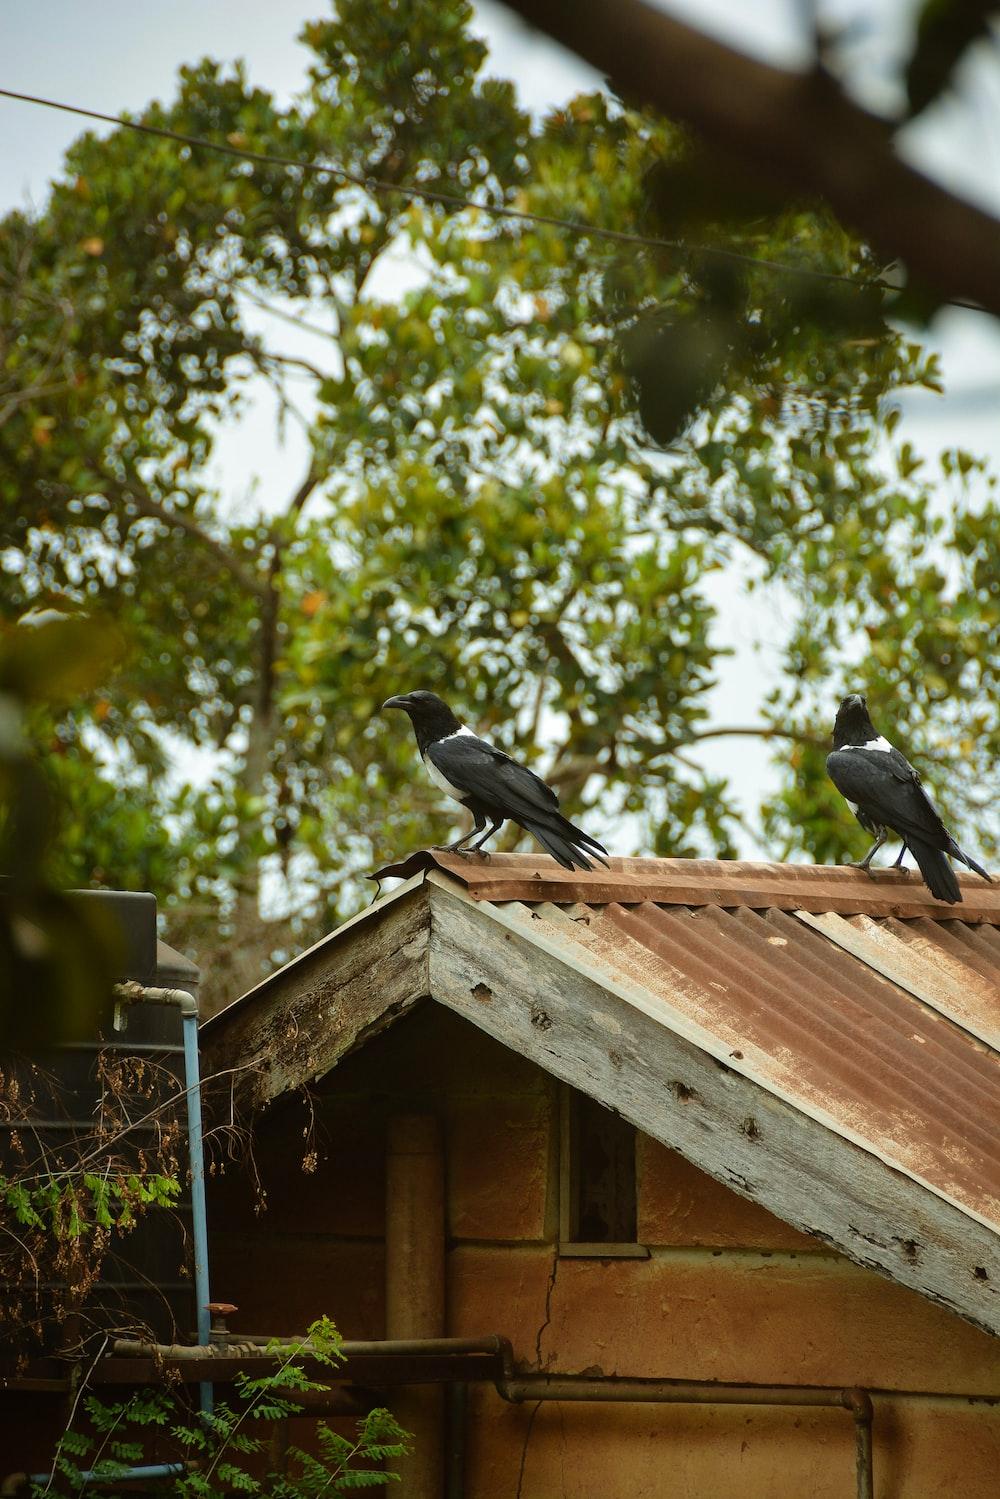 black bird on brown wooden bird house during daytime